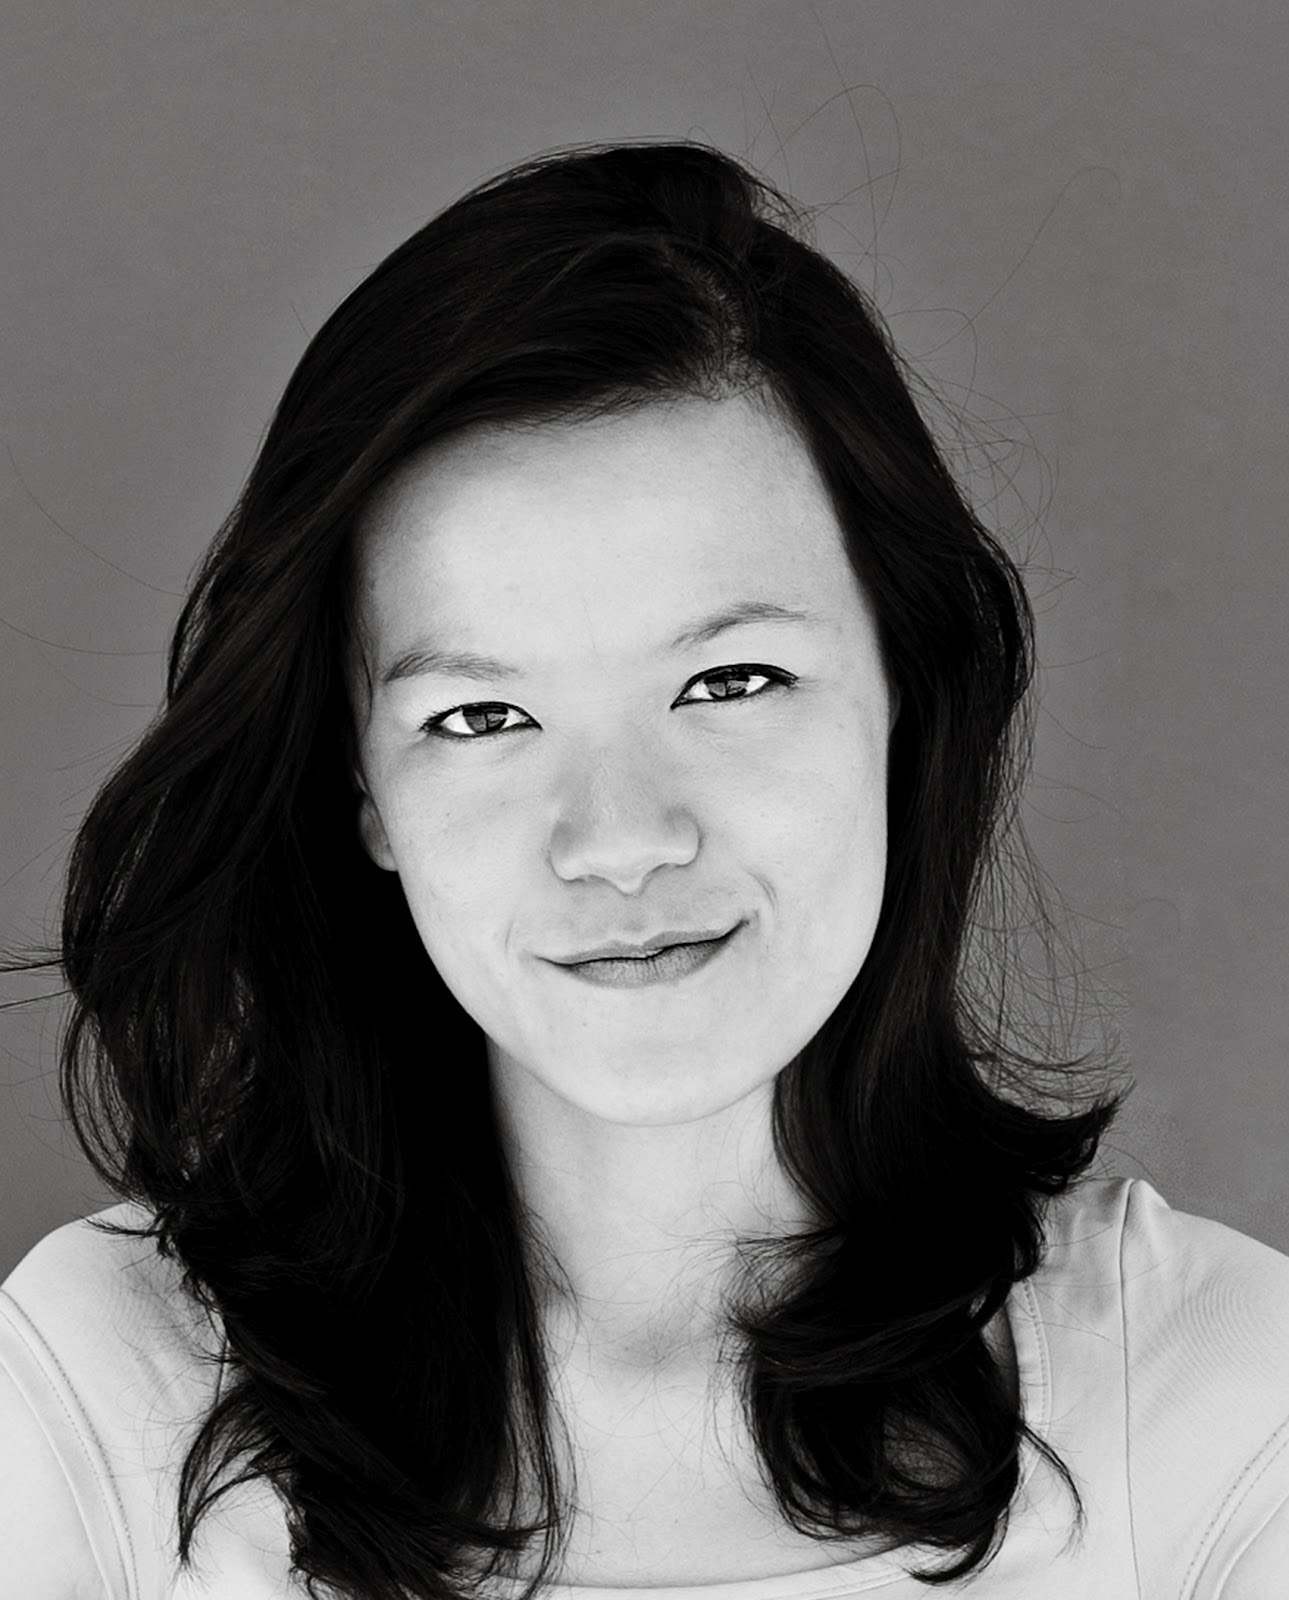 Merlynn Tong nude 884